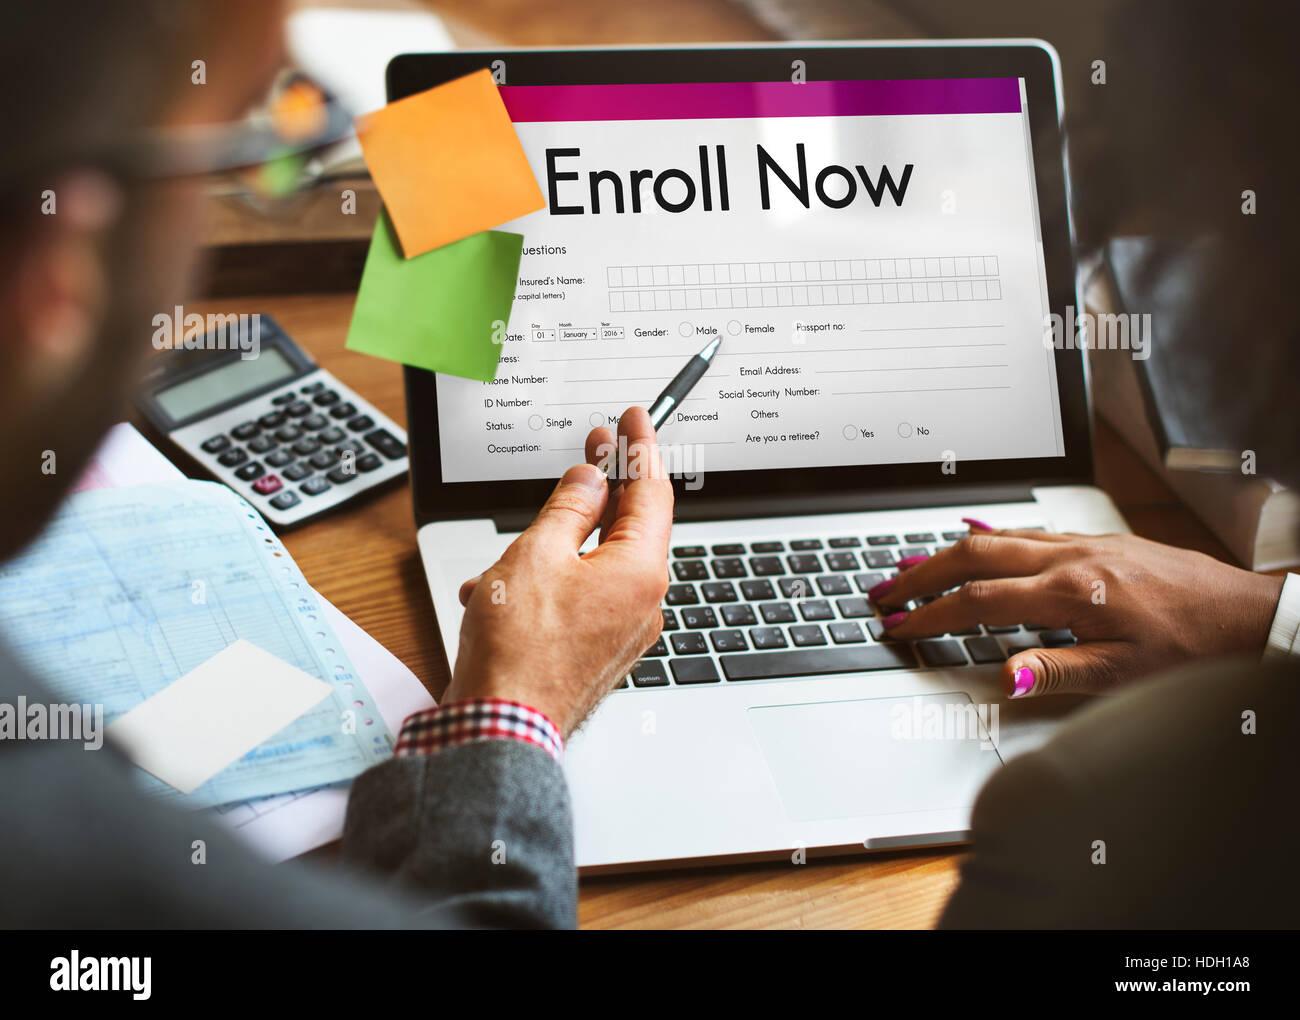 Inscribirse ahora Enviar formulario concepto Imagen De Stock